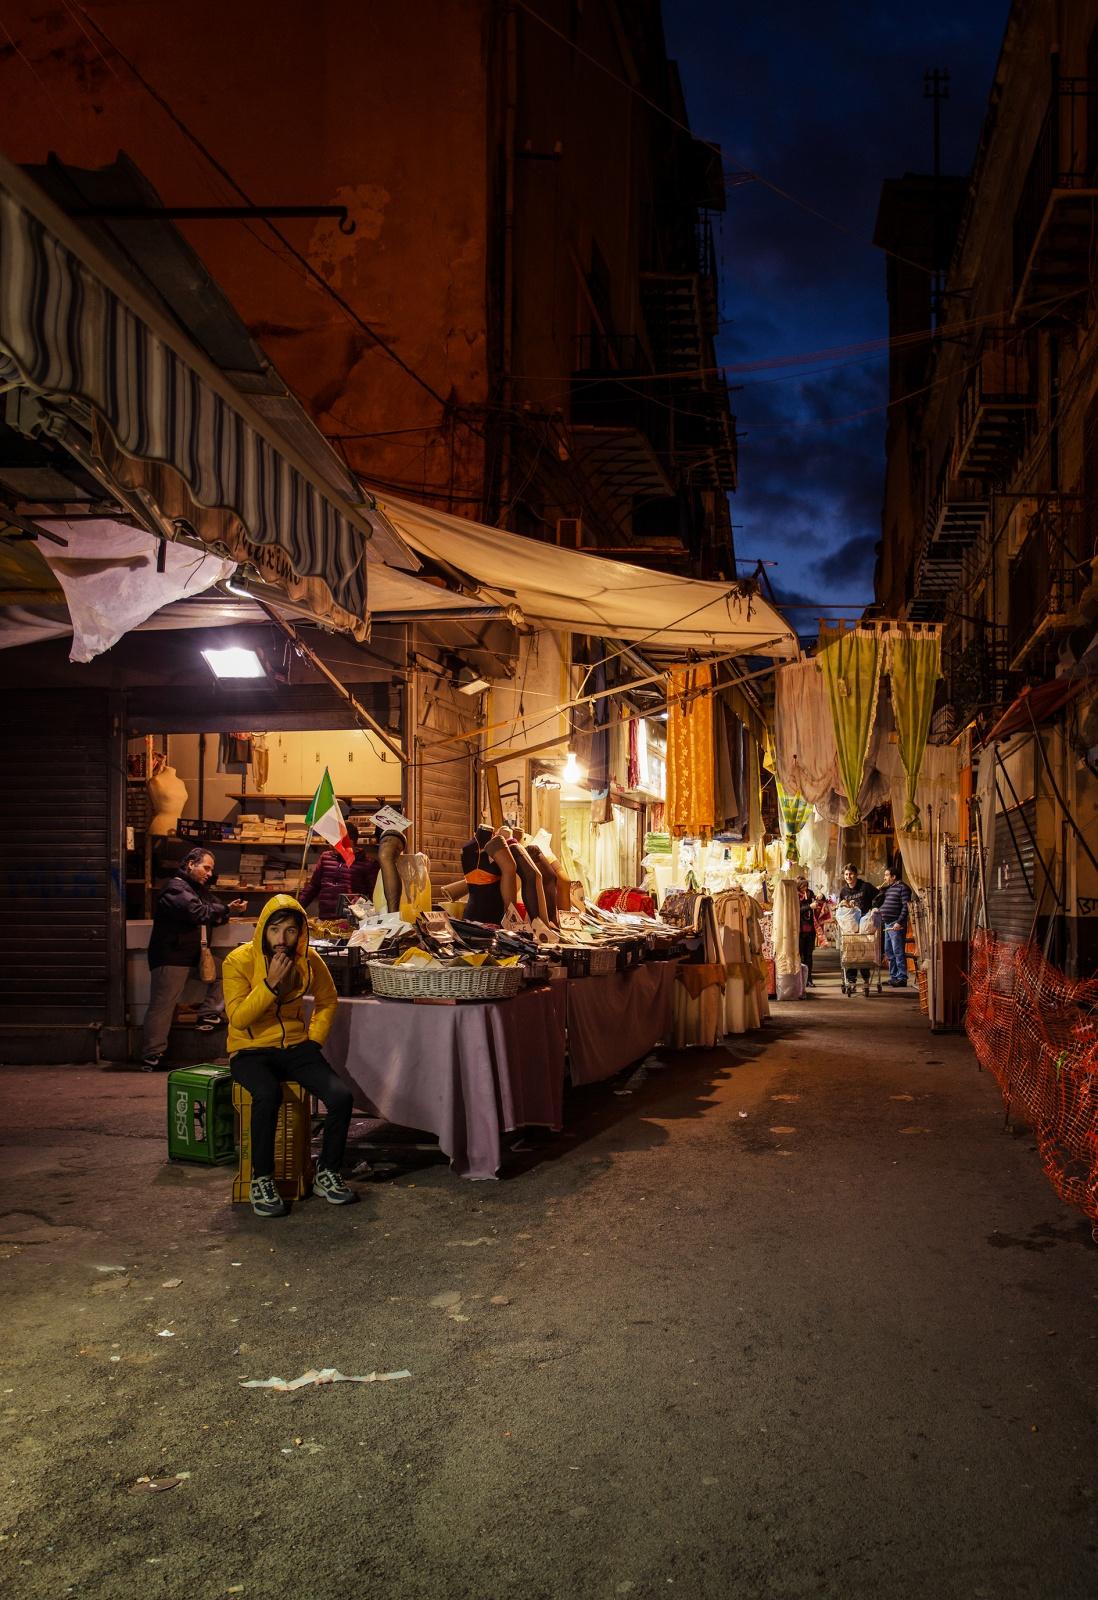 Textiles market in Via Bandiera